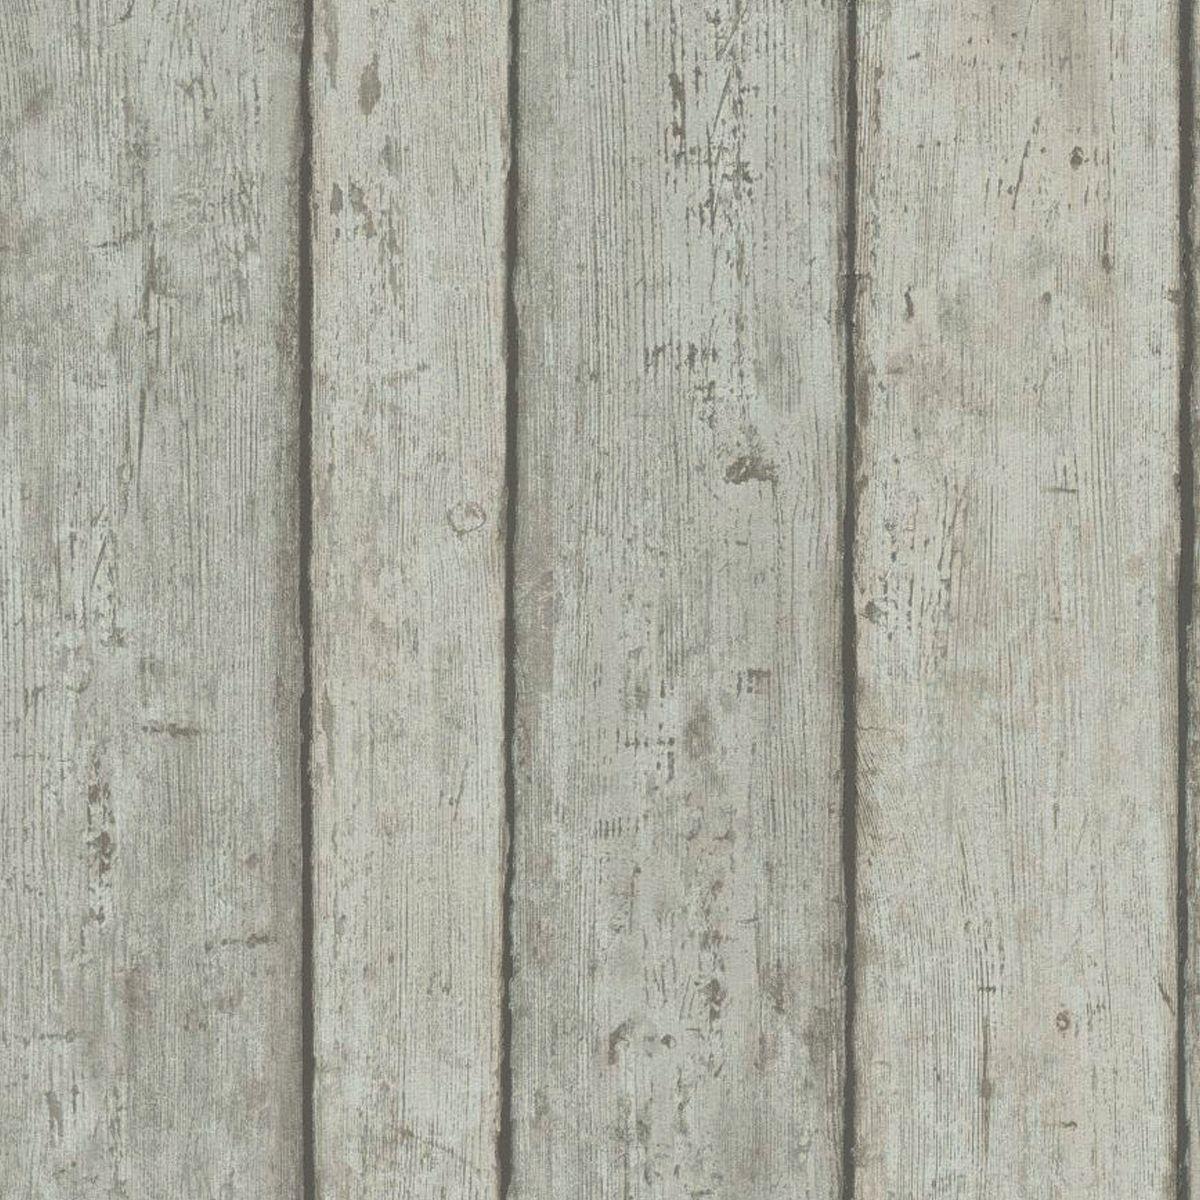 Carta da parati legno anticato beige 10 05 m prezzi e for Assi da ponteggio leroy merlin